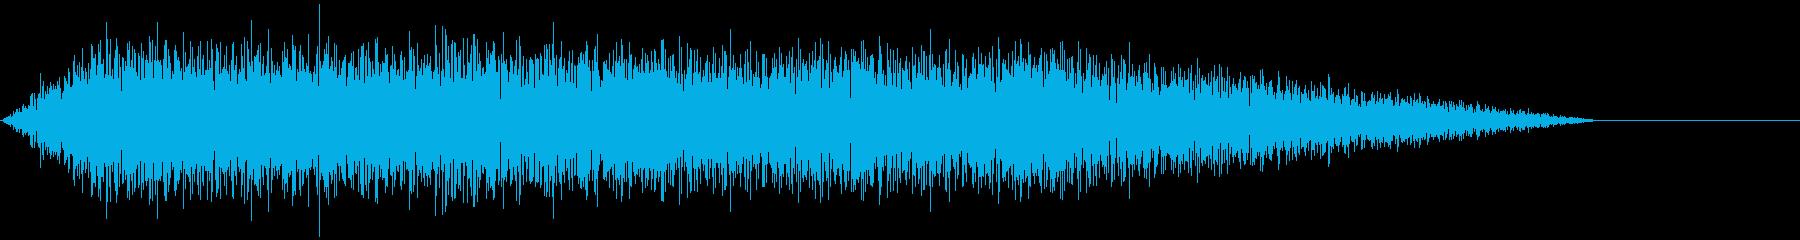 ウィーン ヴーン モーター音 の再生済みの波形